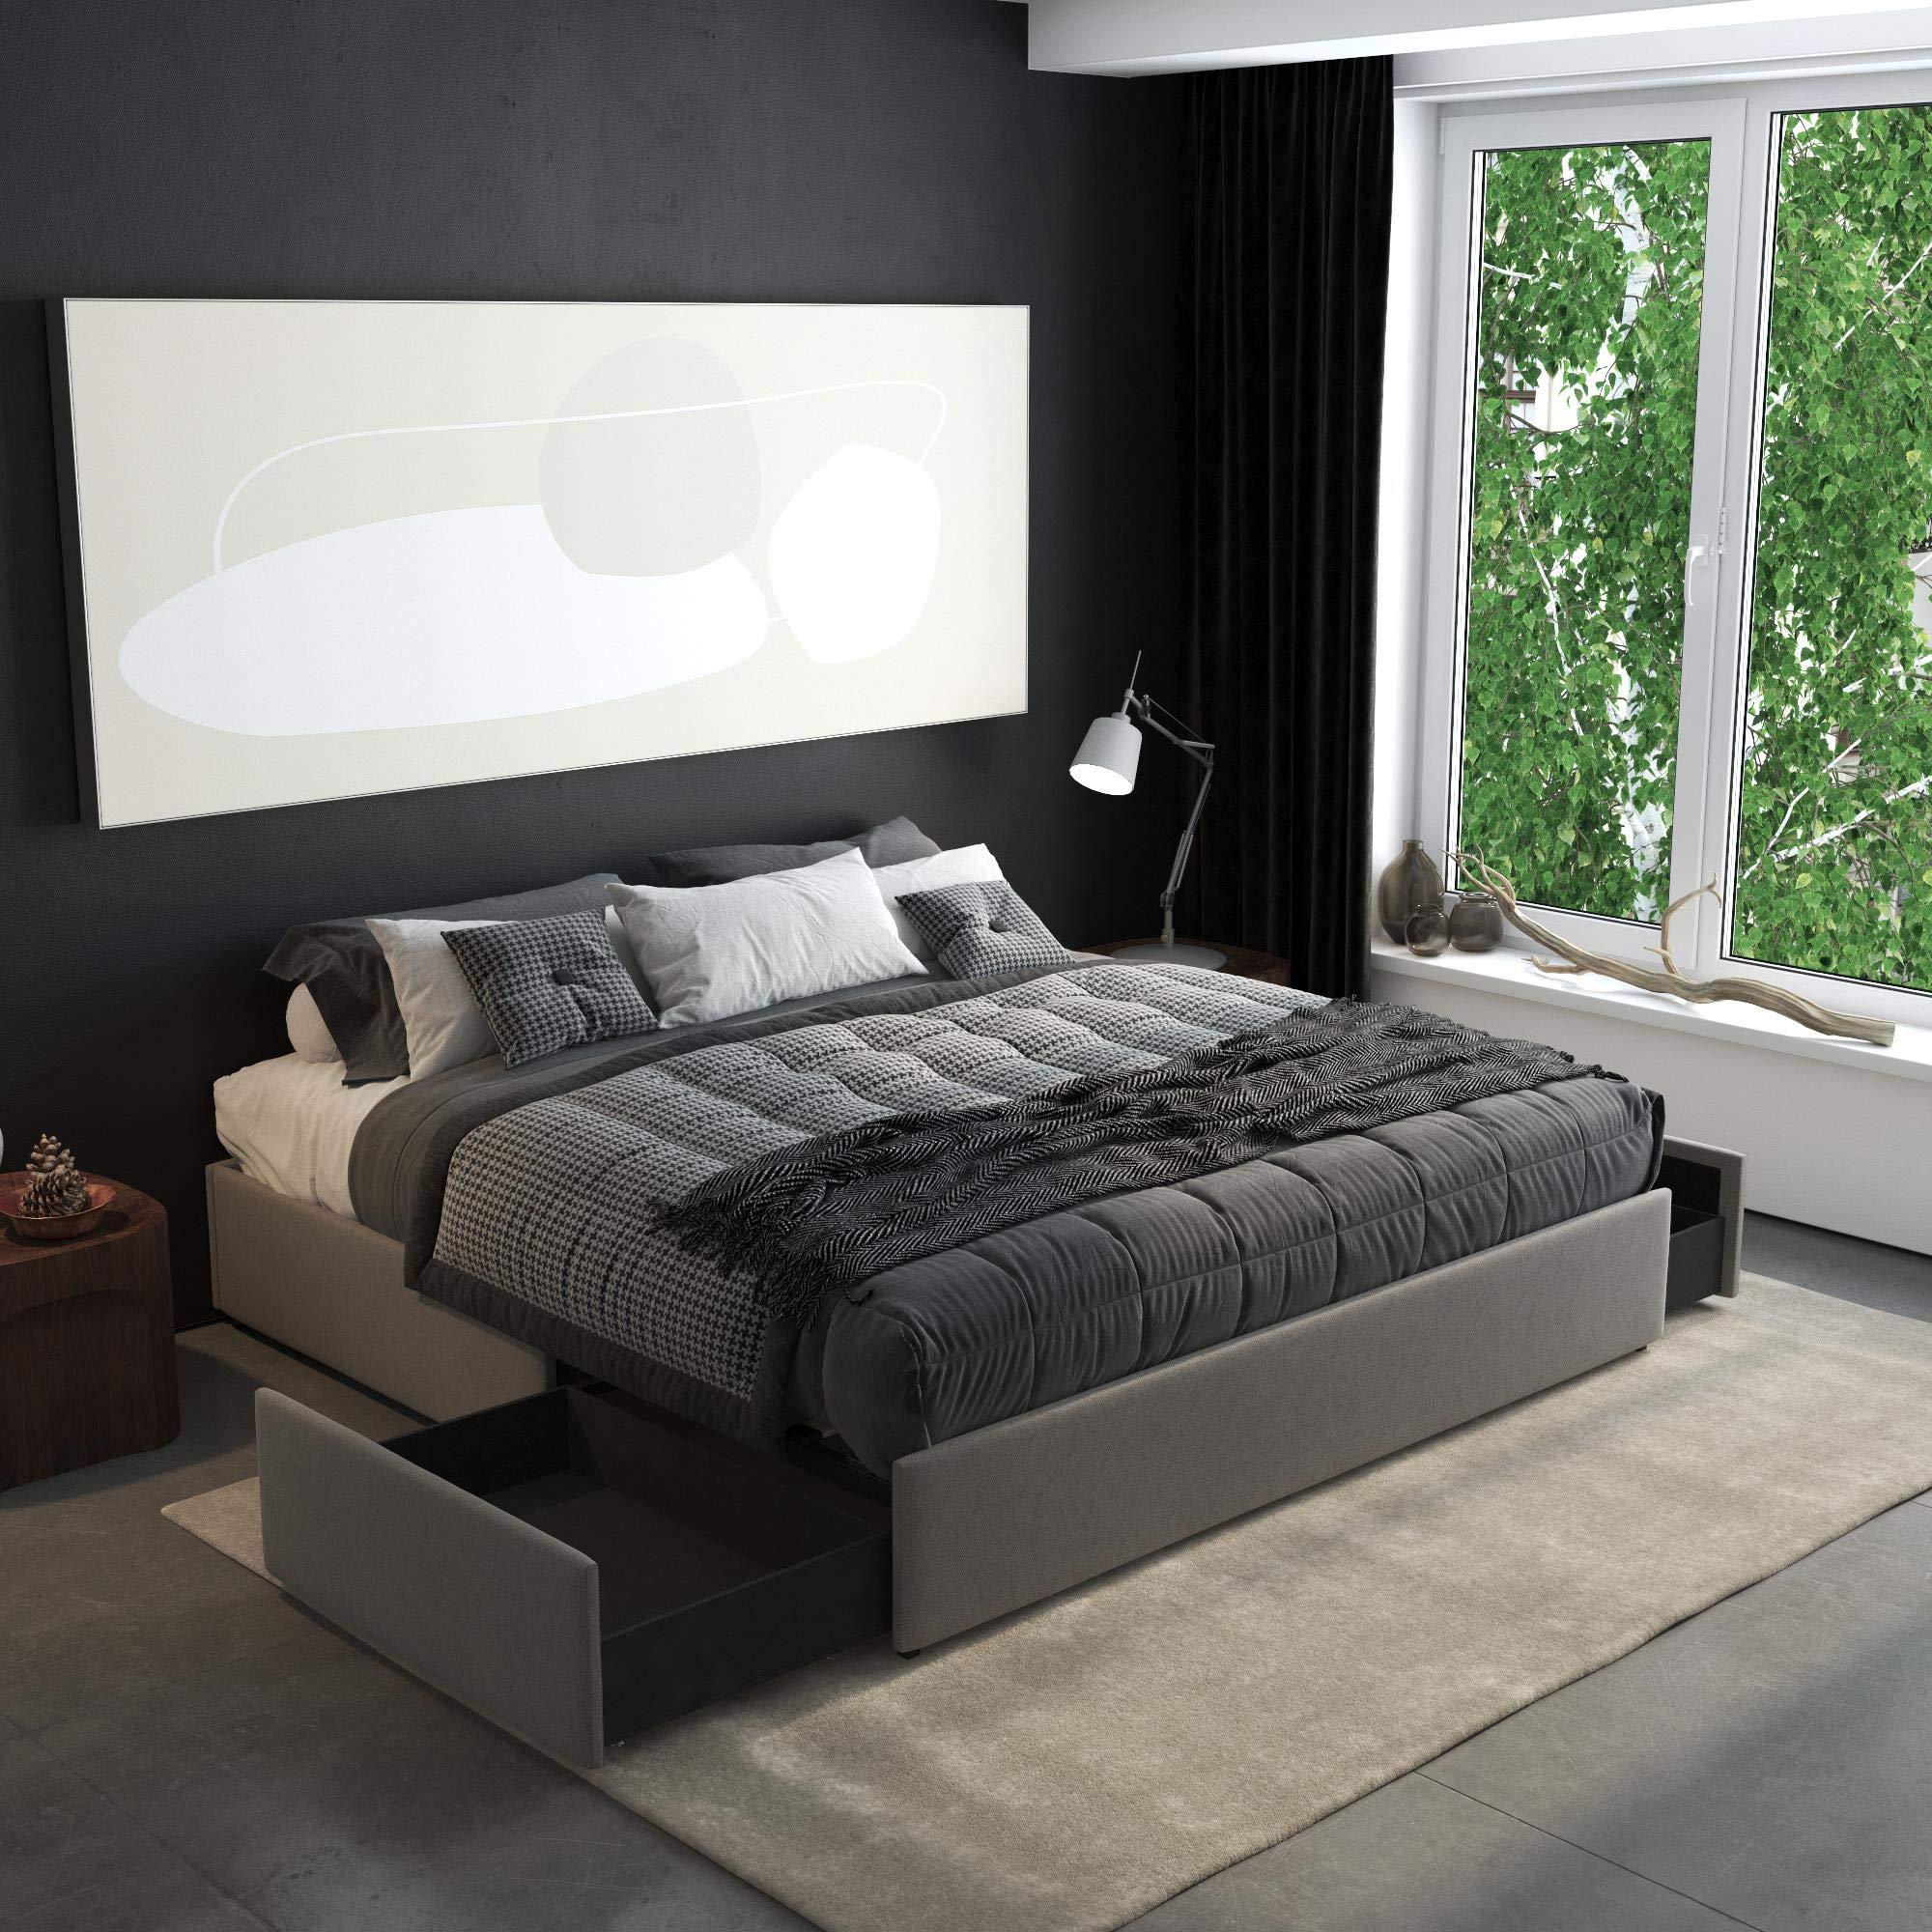 DHP Maven Platform Storage, King Size Frame, Grey Upholstered Beds, Linen